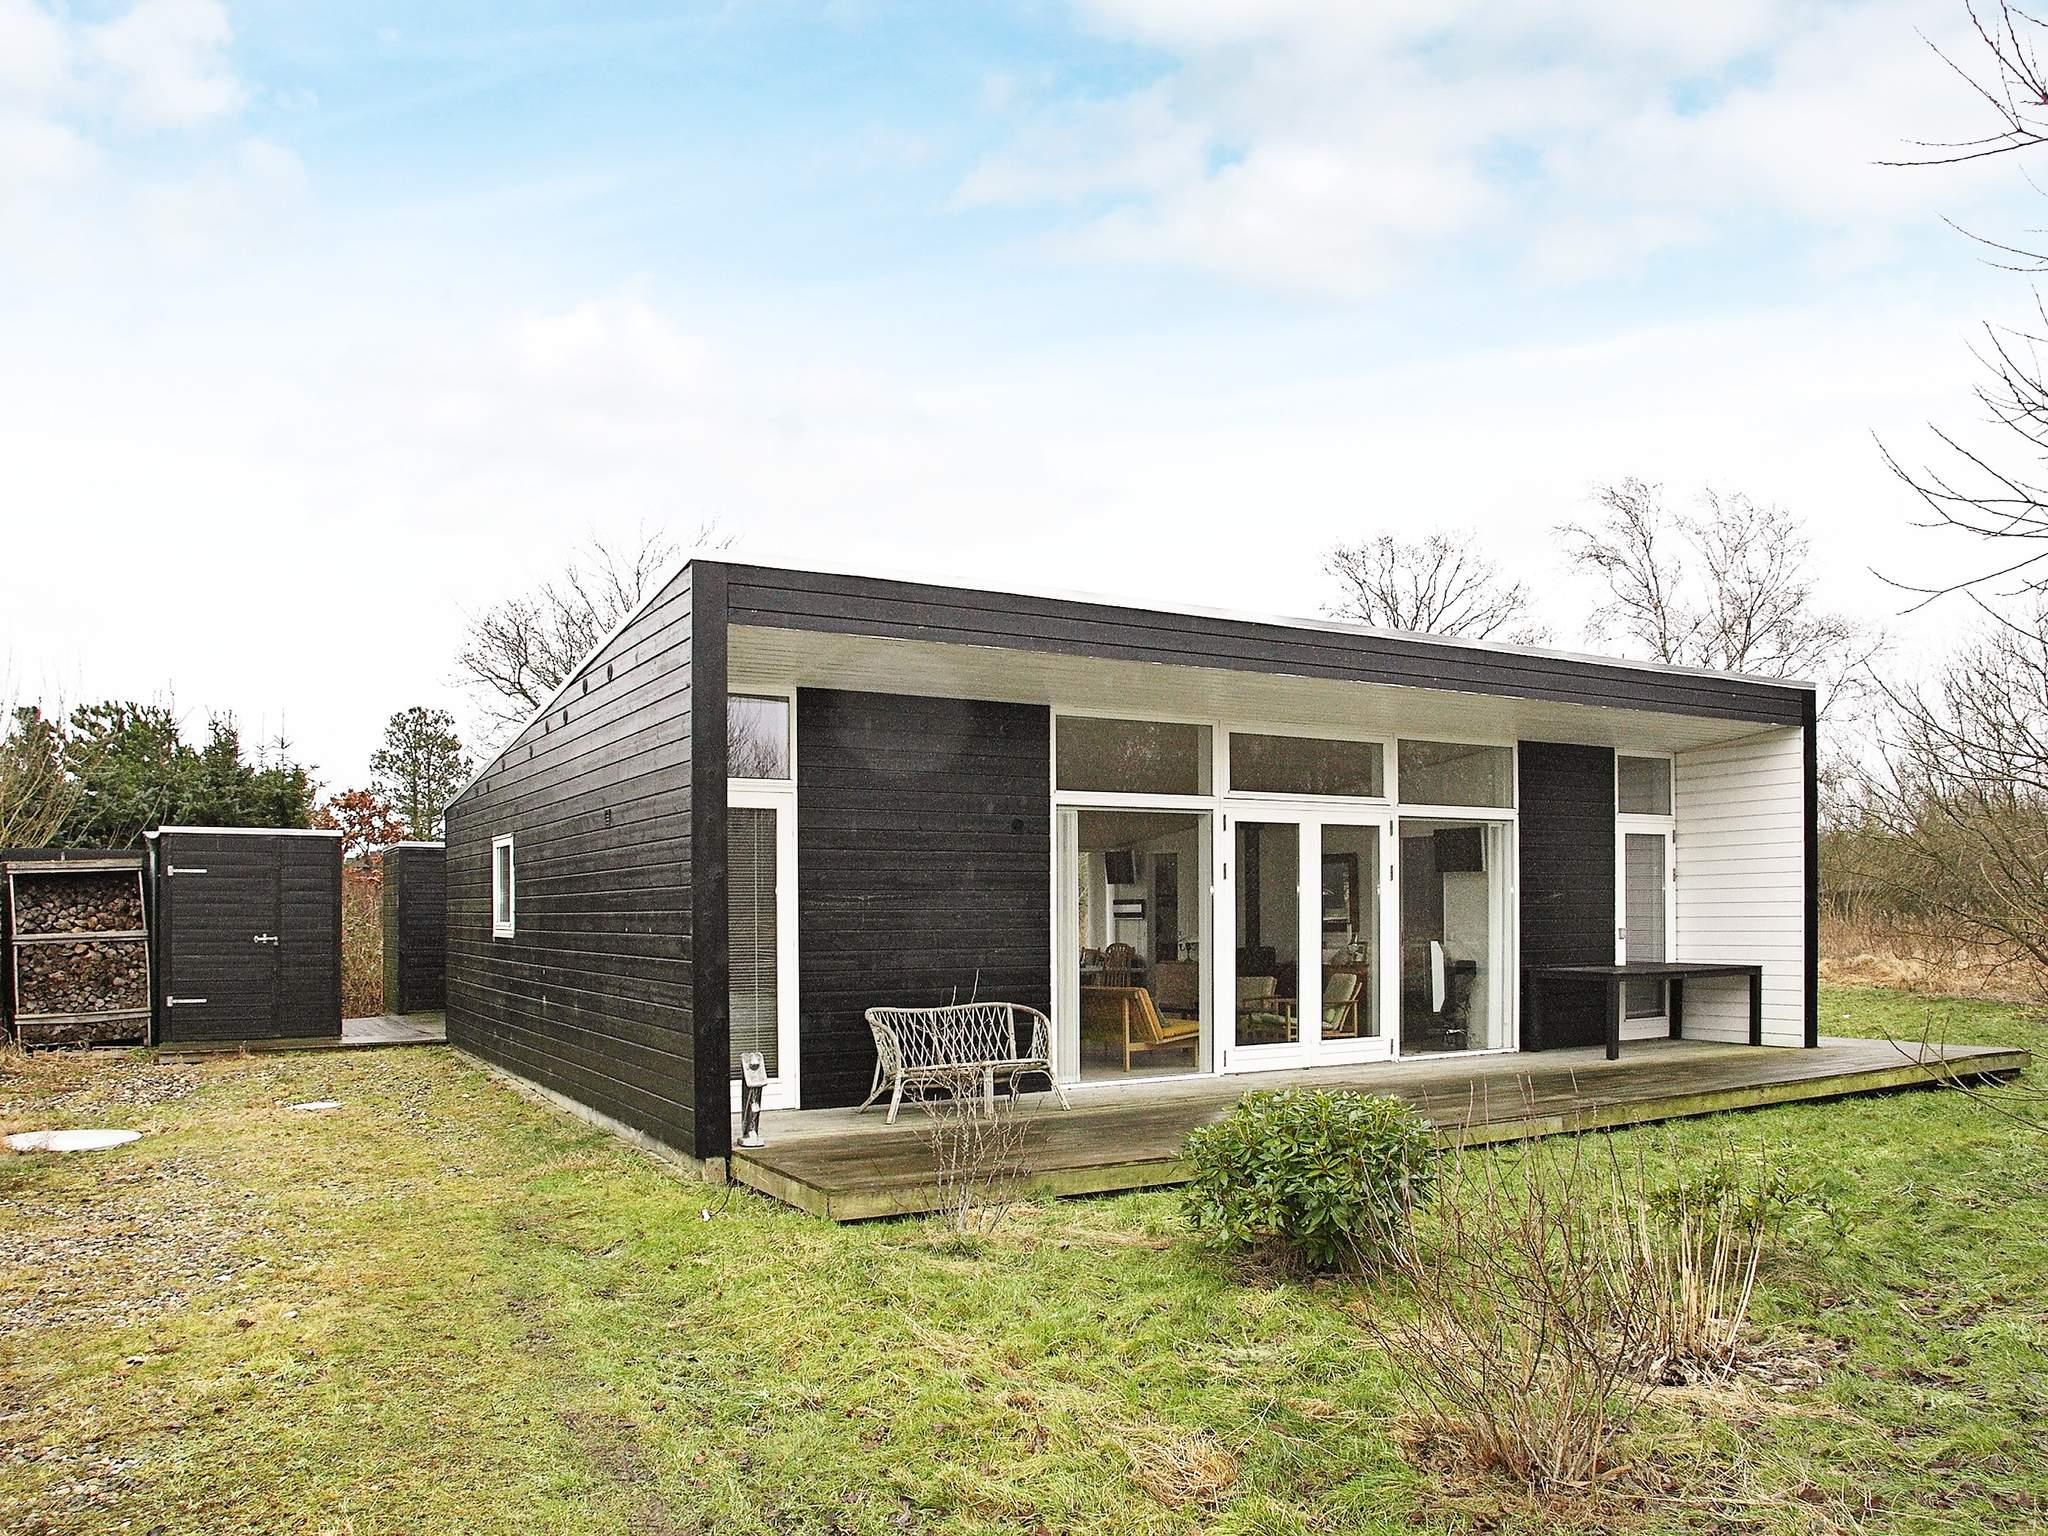 Ferienhaus Hou (338933), Hou, , Nordostjütland, Dänemark, Bild 1